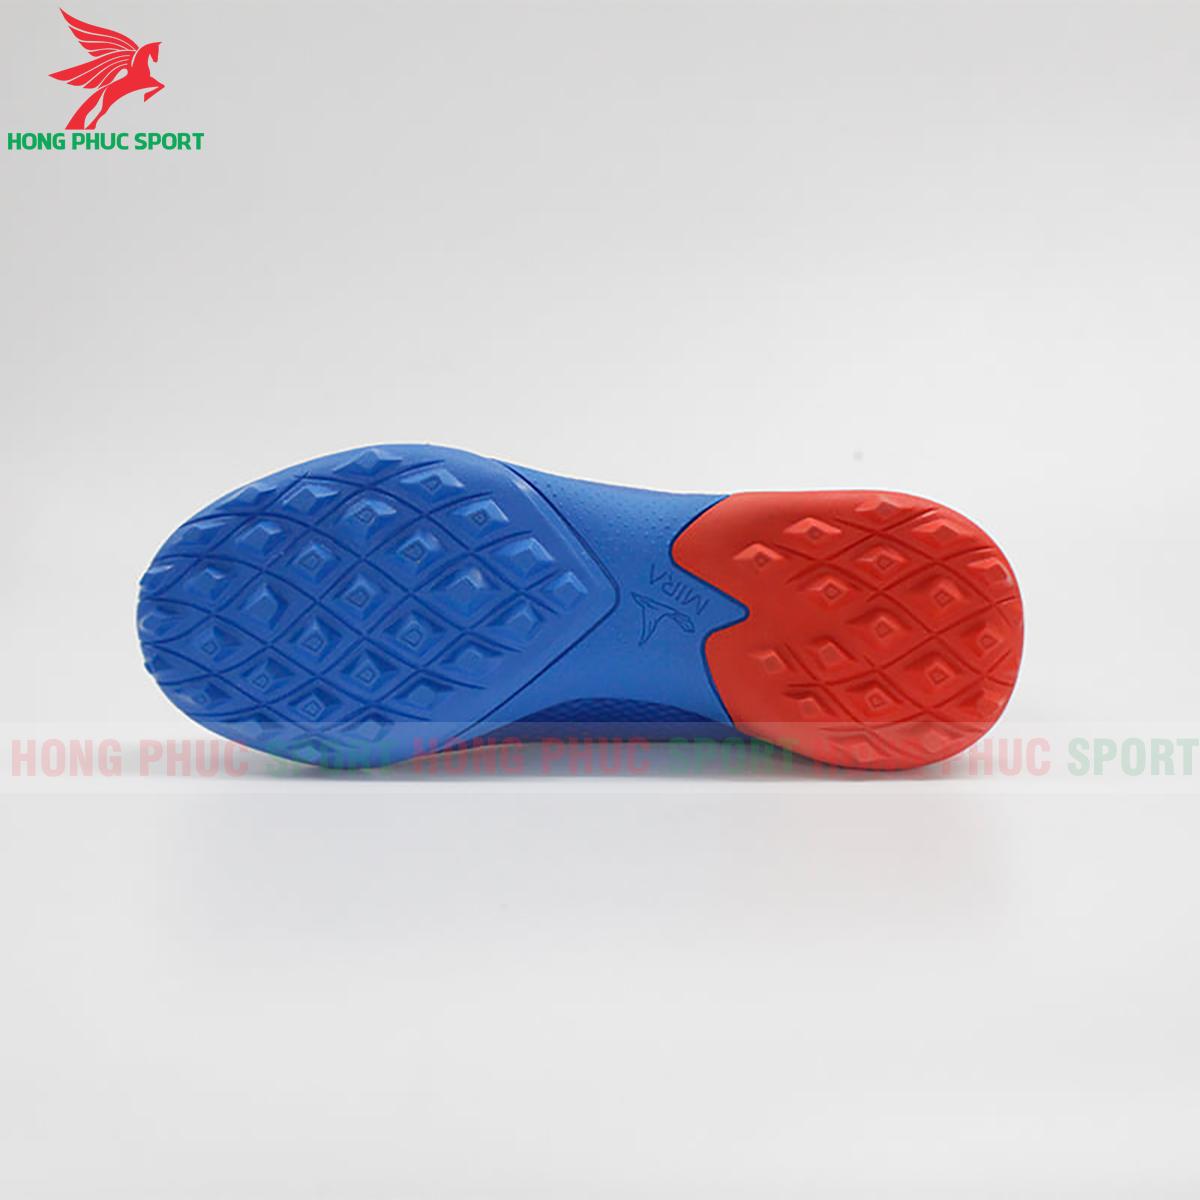 Giày Mira Lux 20.3 sân cỏ nhân tạo xanh dương phối đỏ (đế)